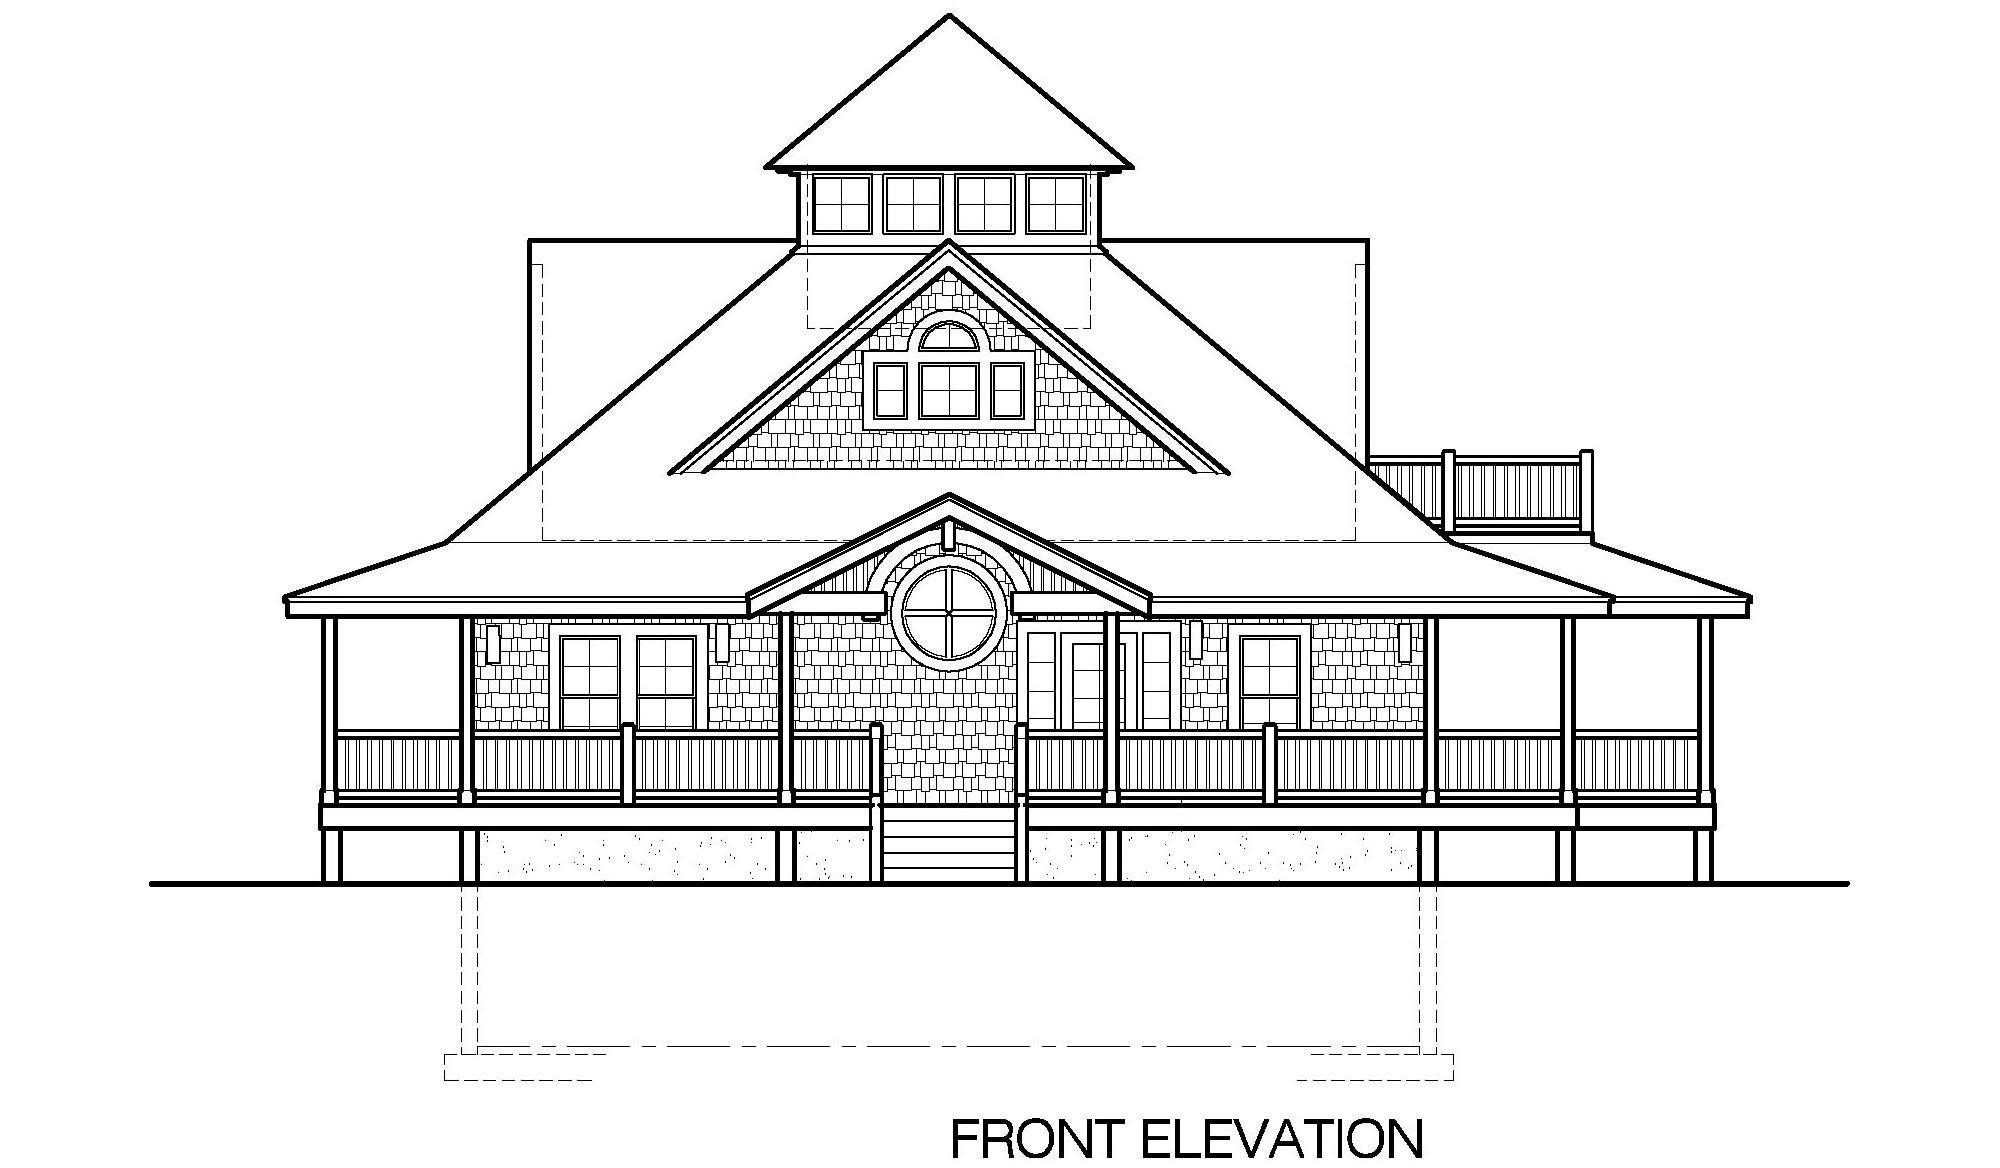 Unique front elevations options joy studio design for Island basement house plans